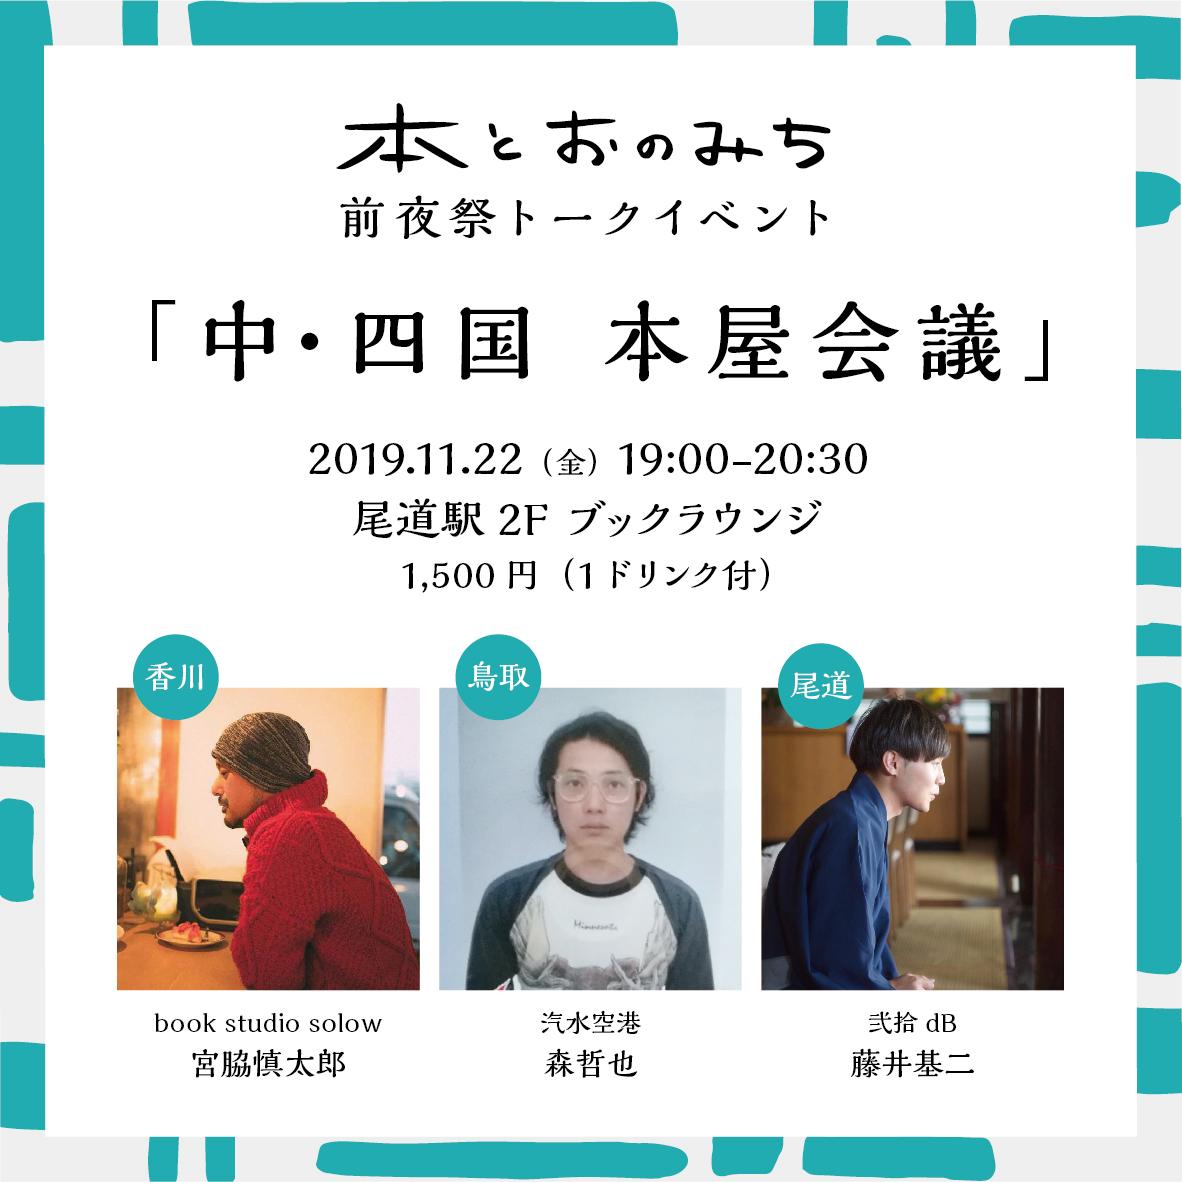 「本とおのみち」トークイベント11月23日(土)<本と、まちと、カルチャーと>